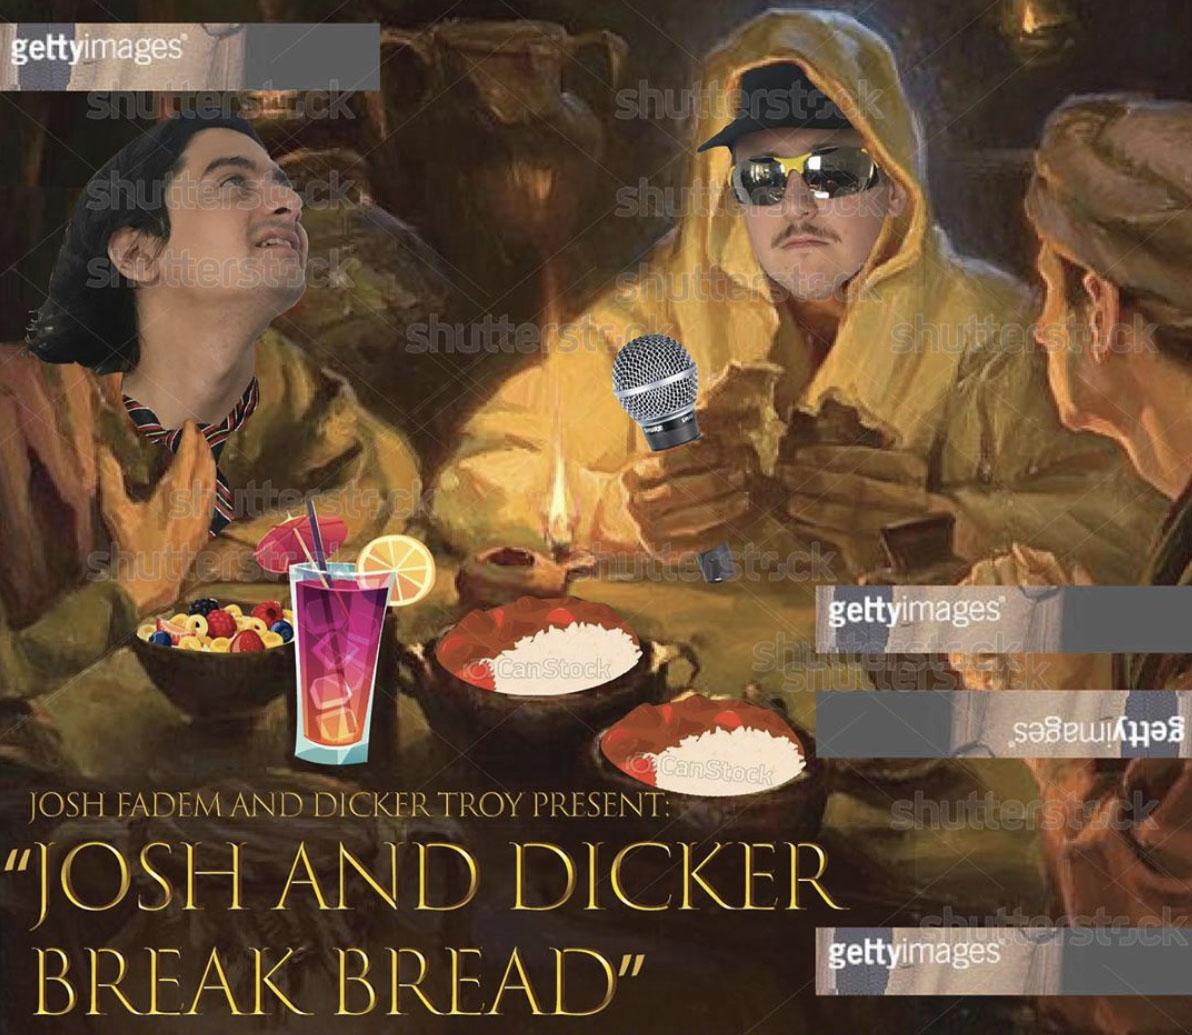 josh-dicker-break-bread